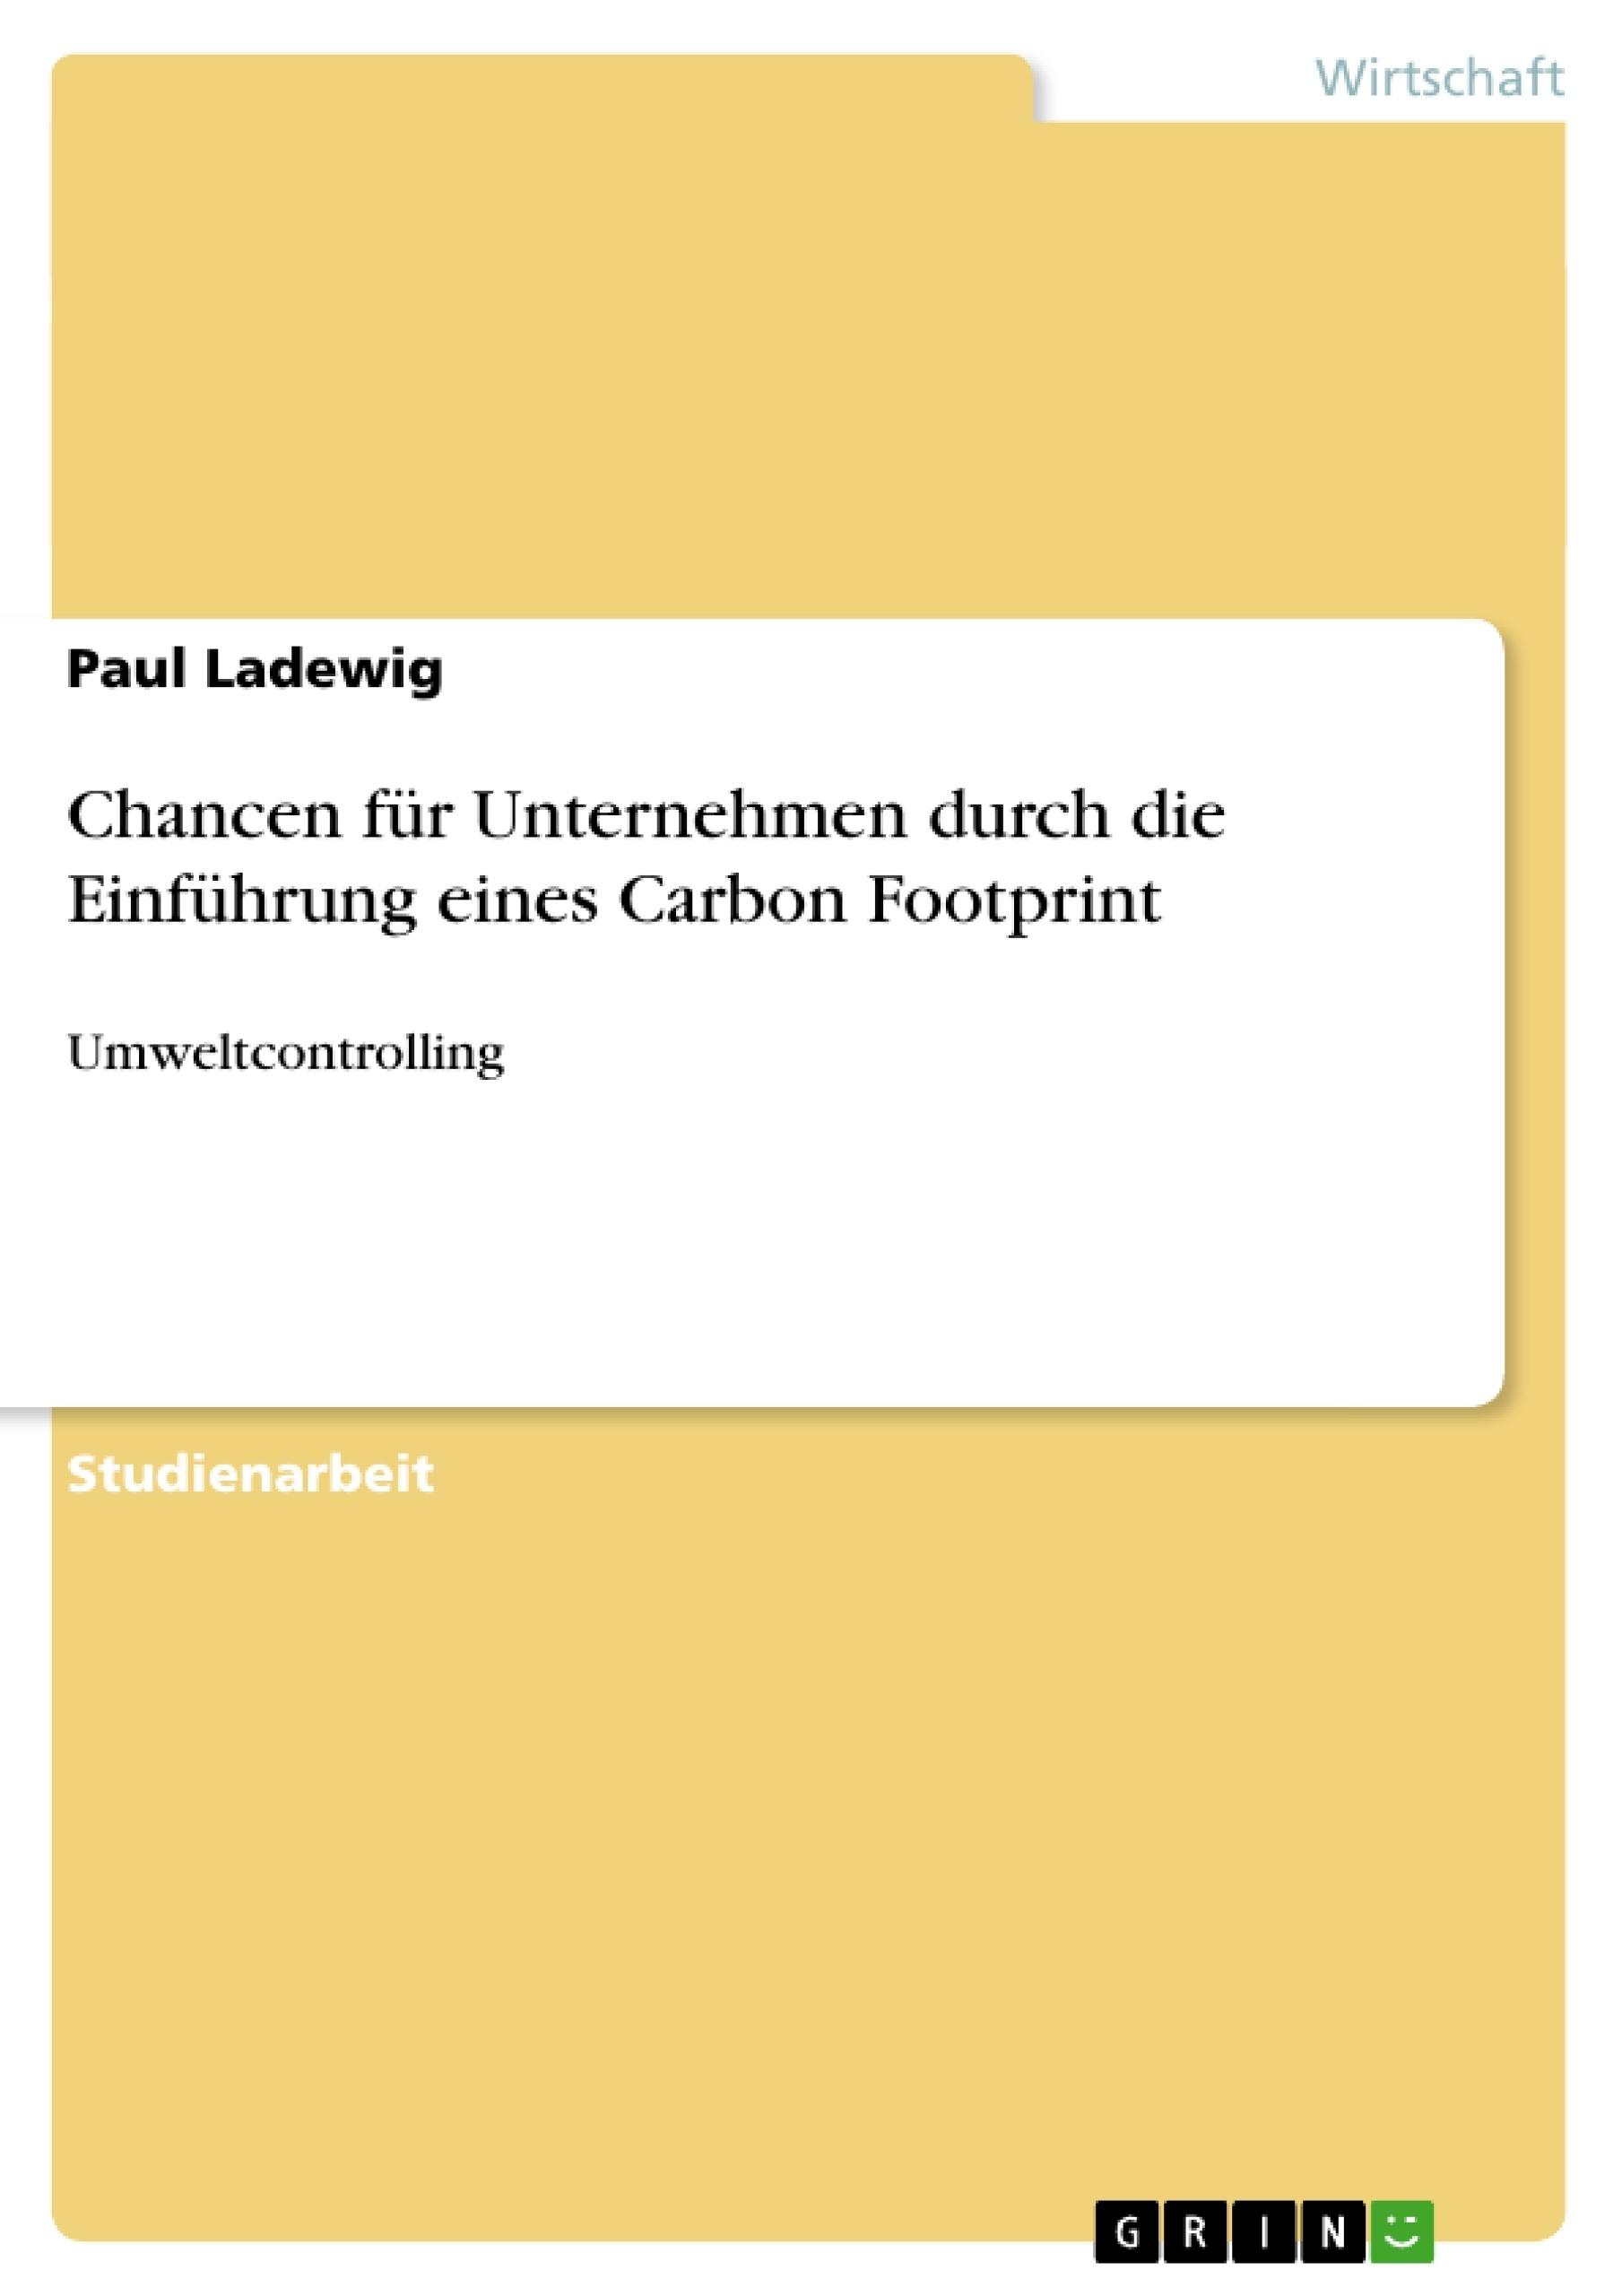 Titel: Chancen für Unternehmen durch die Einführung eines Carbon Footprint